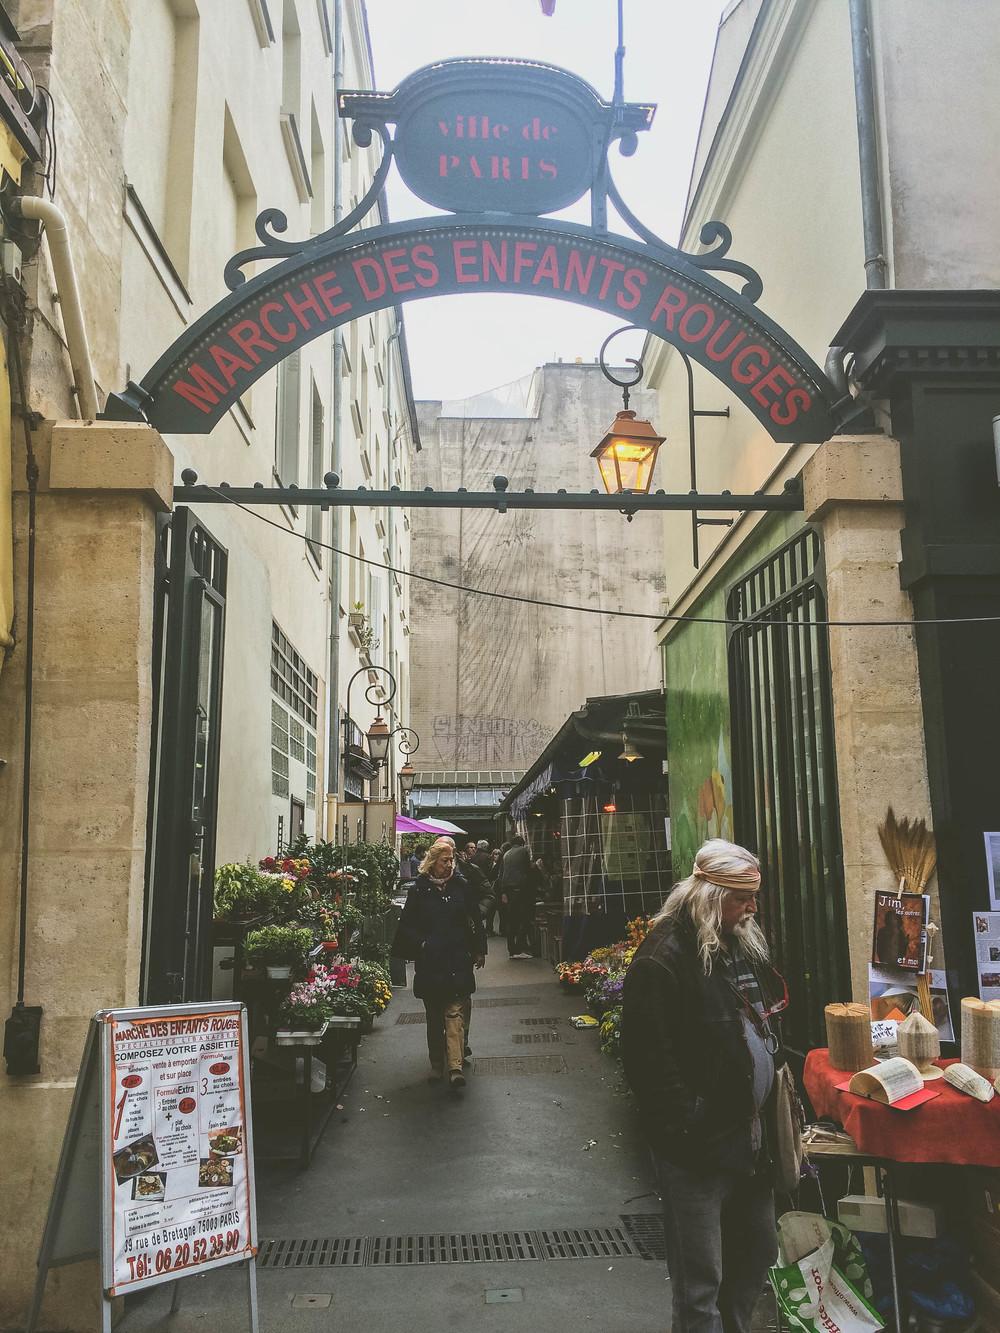 The entrance to Le Marché des Enfants Rouge